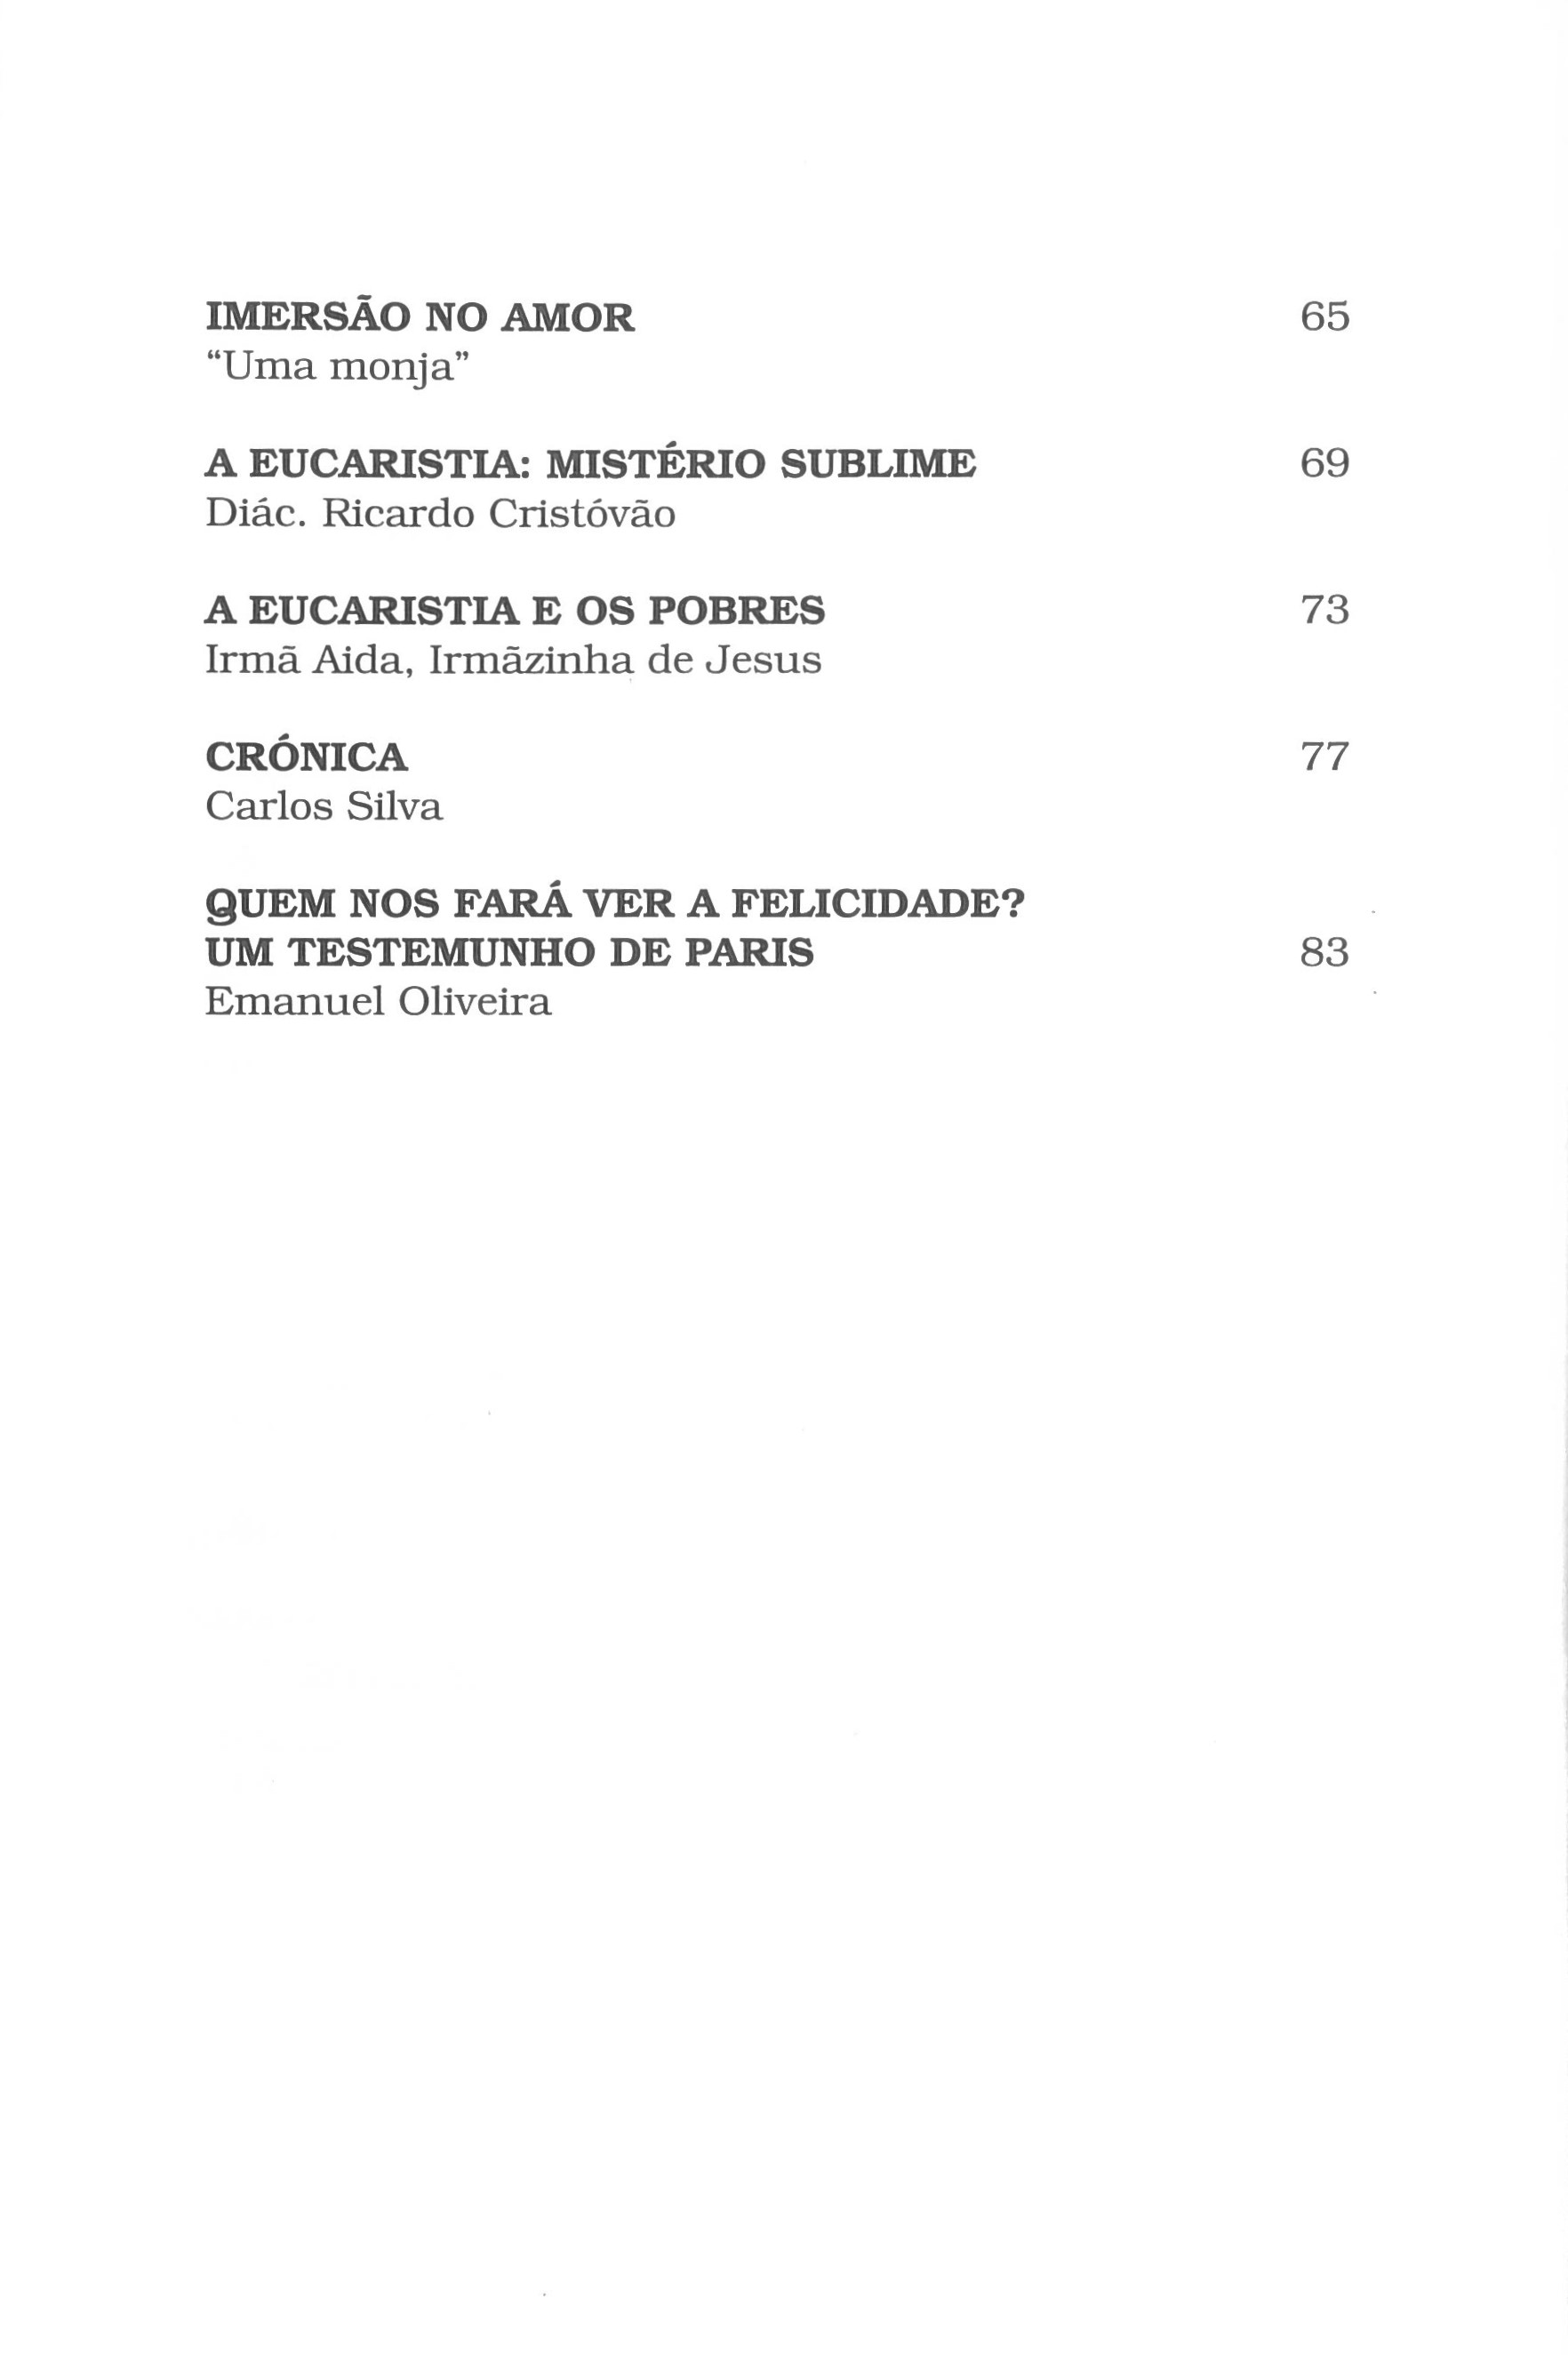 Revista Novellae Olivarum, nº 30 - Março de 2005 (índice)